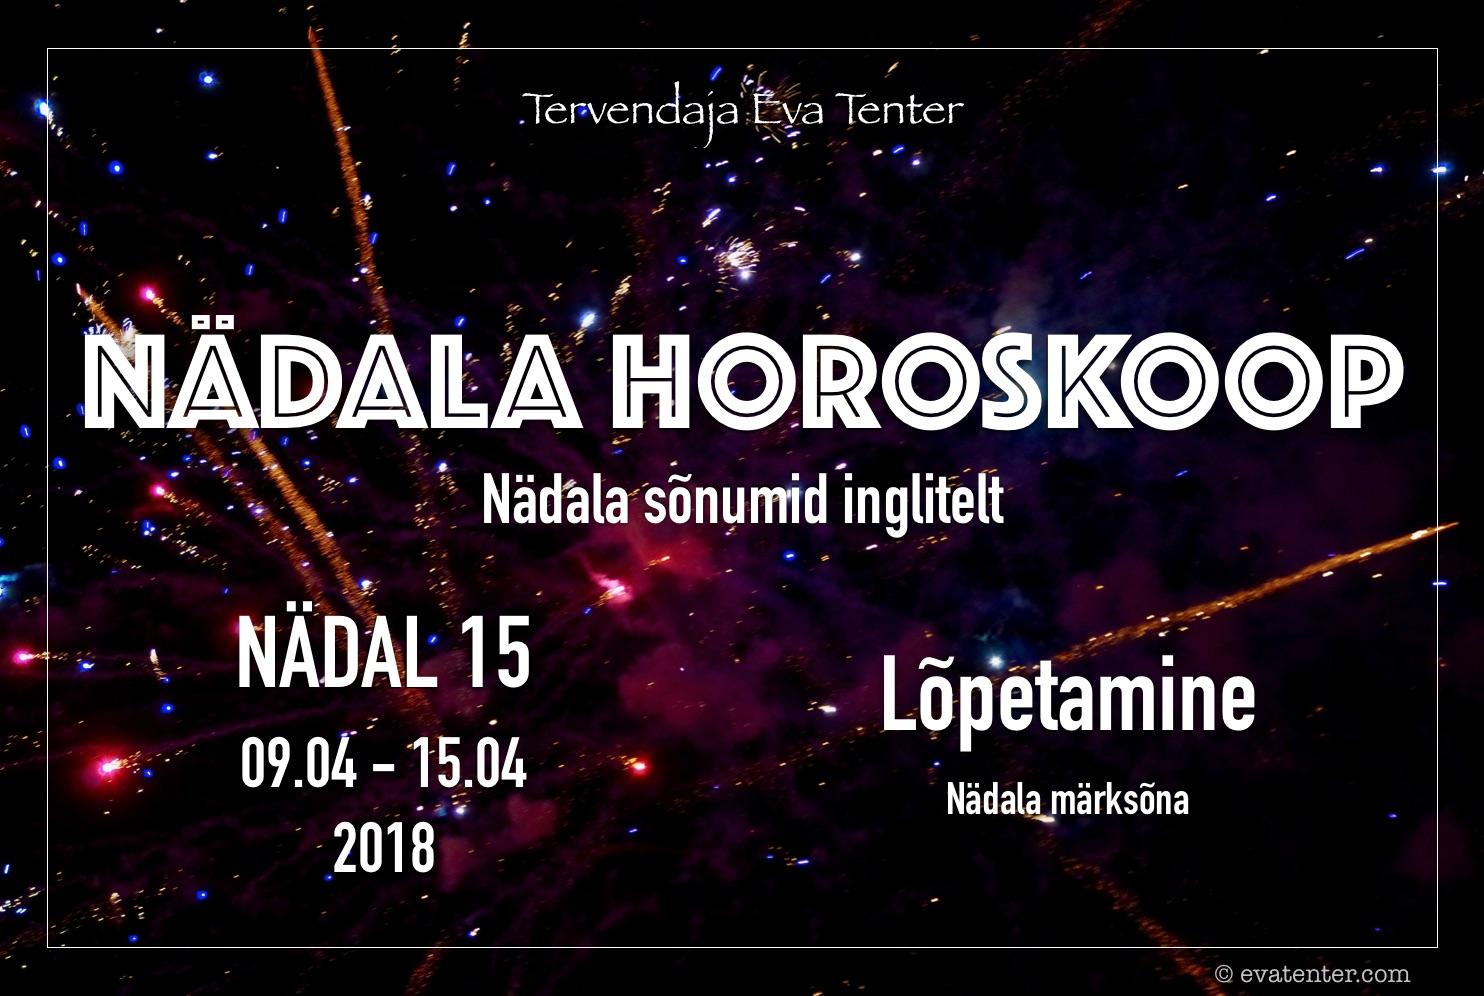 Nädala horoskoop 09.04-15.04.2018